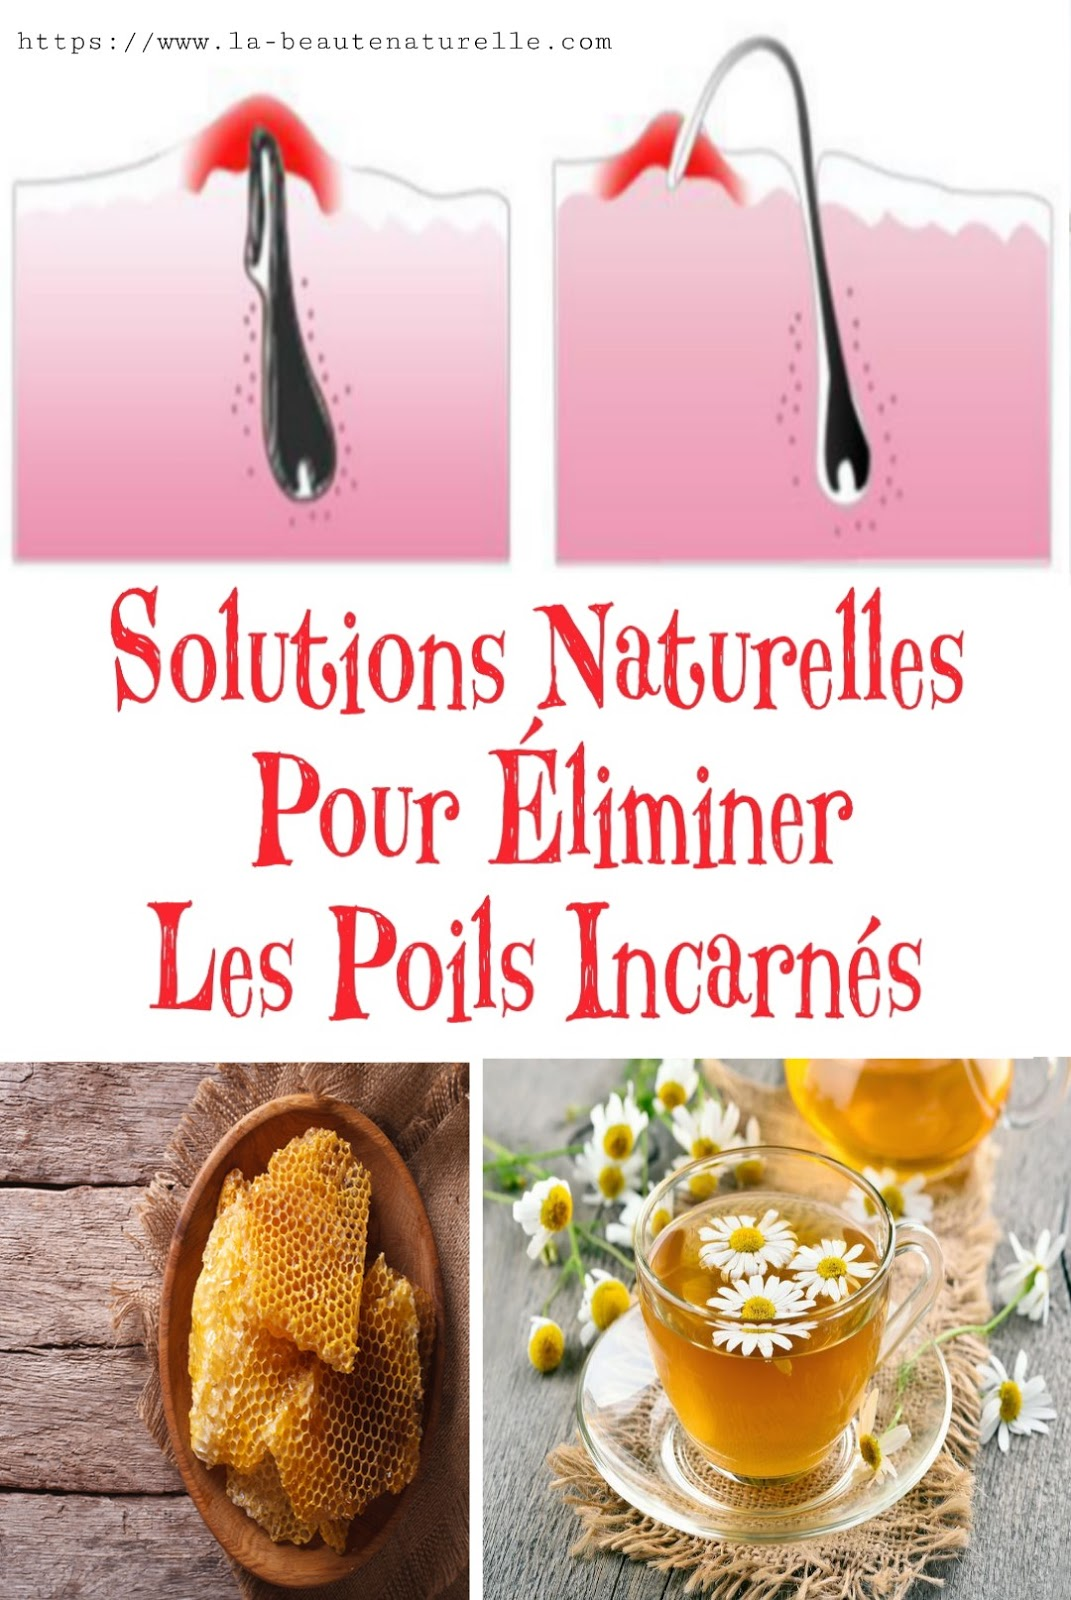 Solutions Naturelles Pour Éliminer Les Poils Incarnés